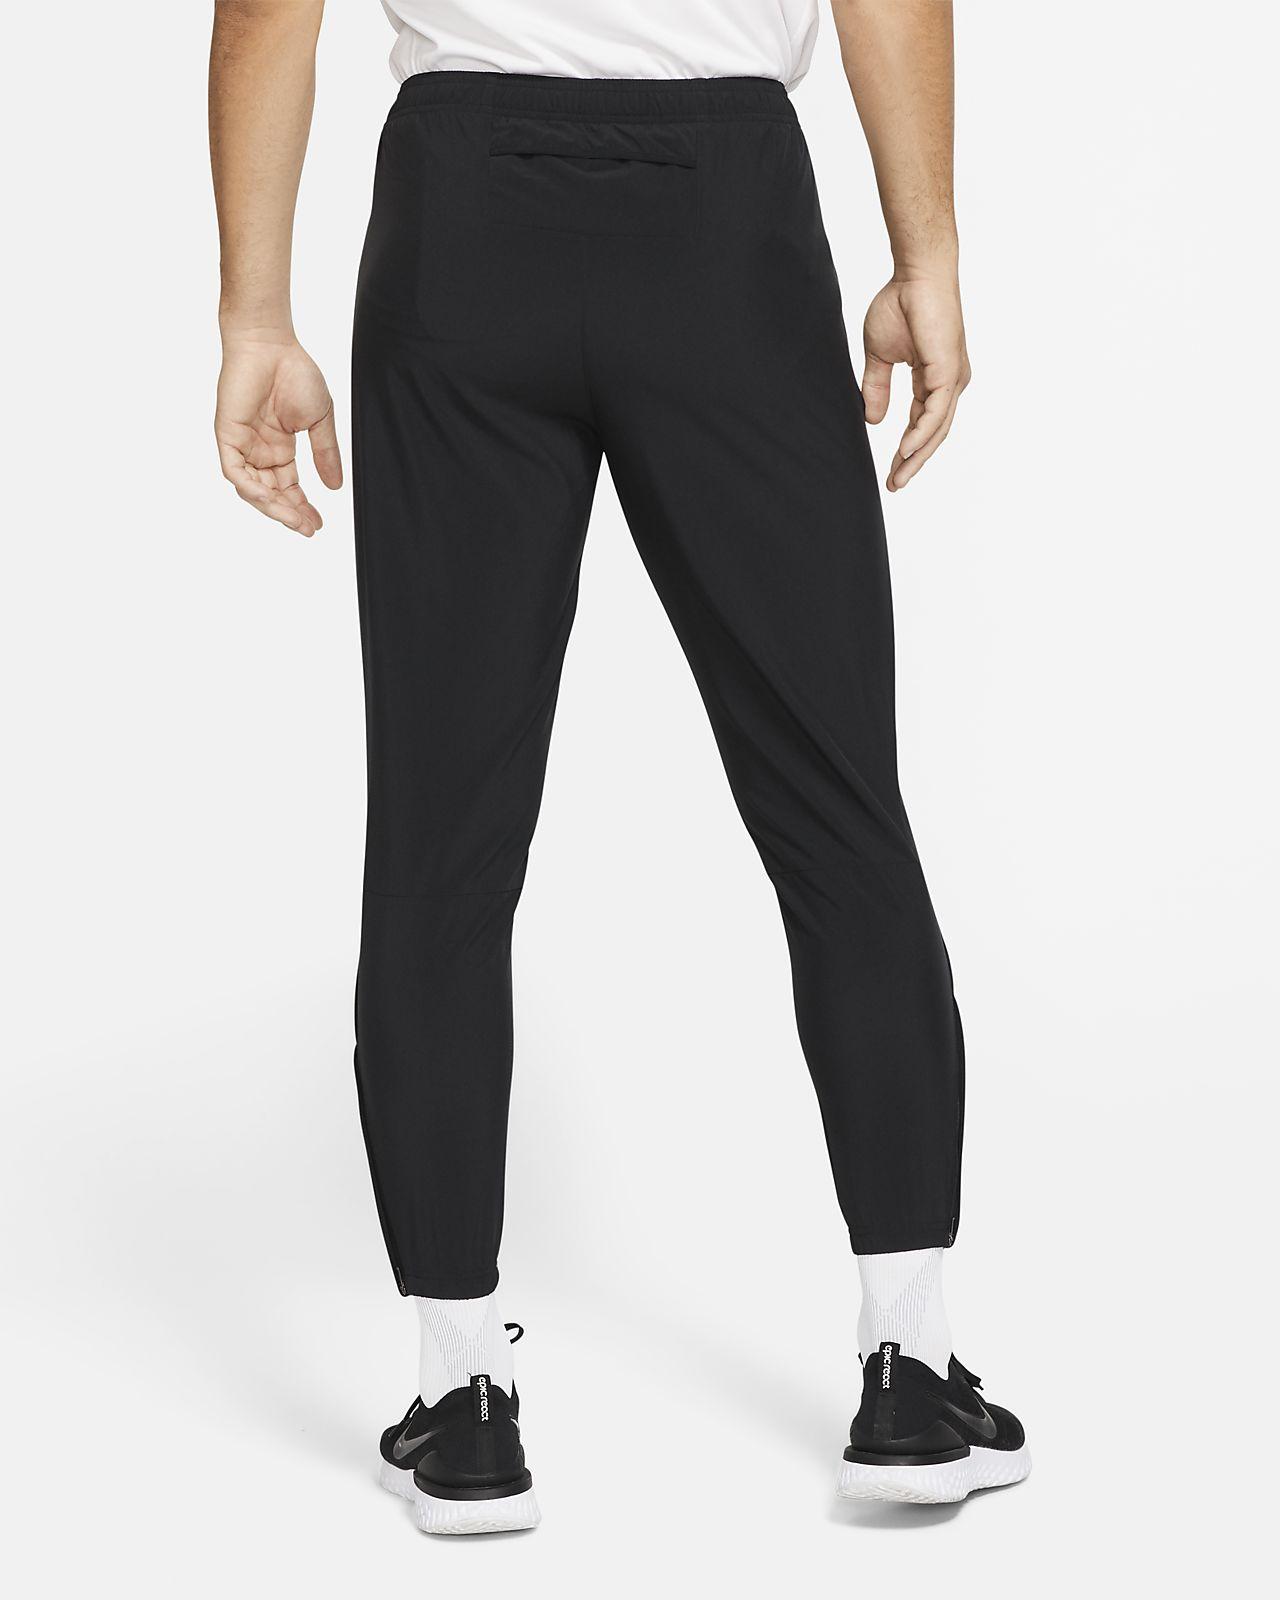 pantaloni aderenti uomo nike